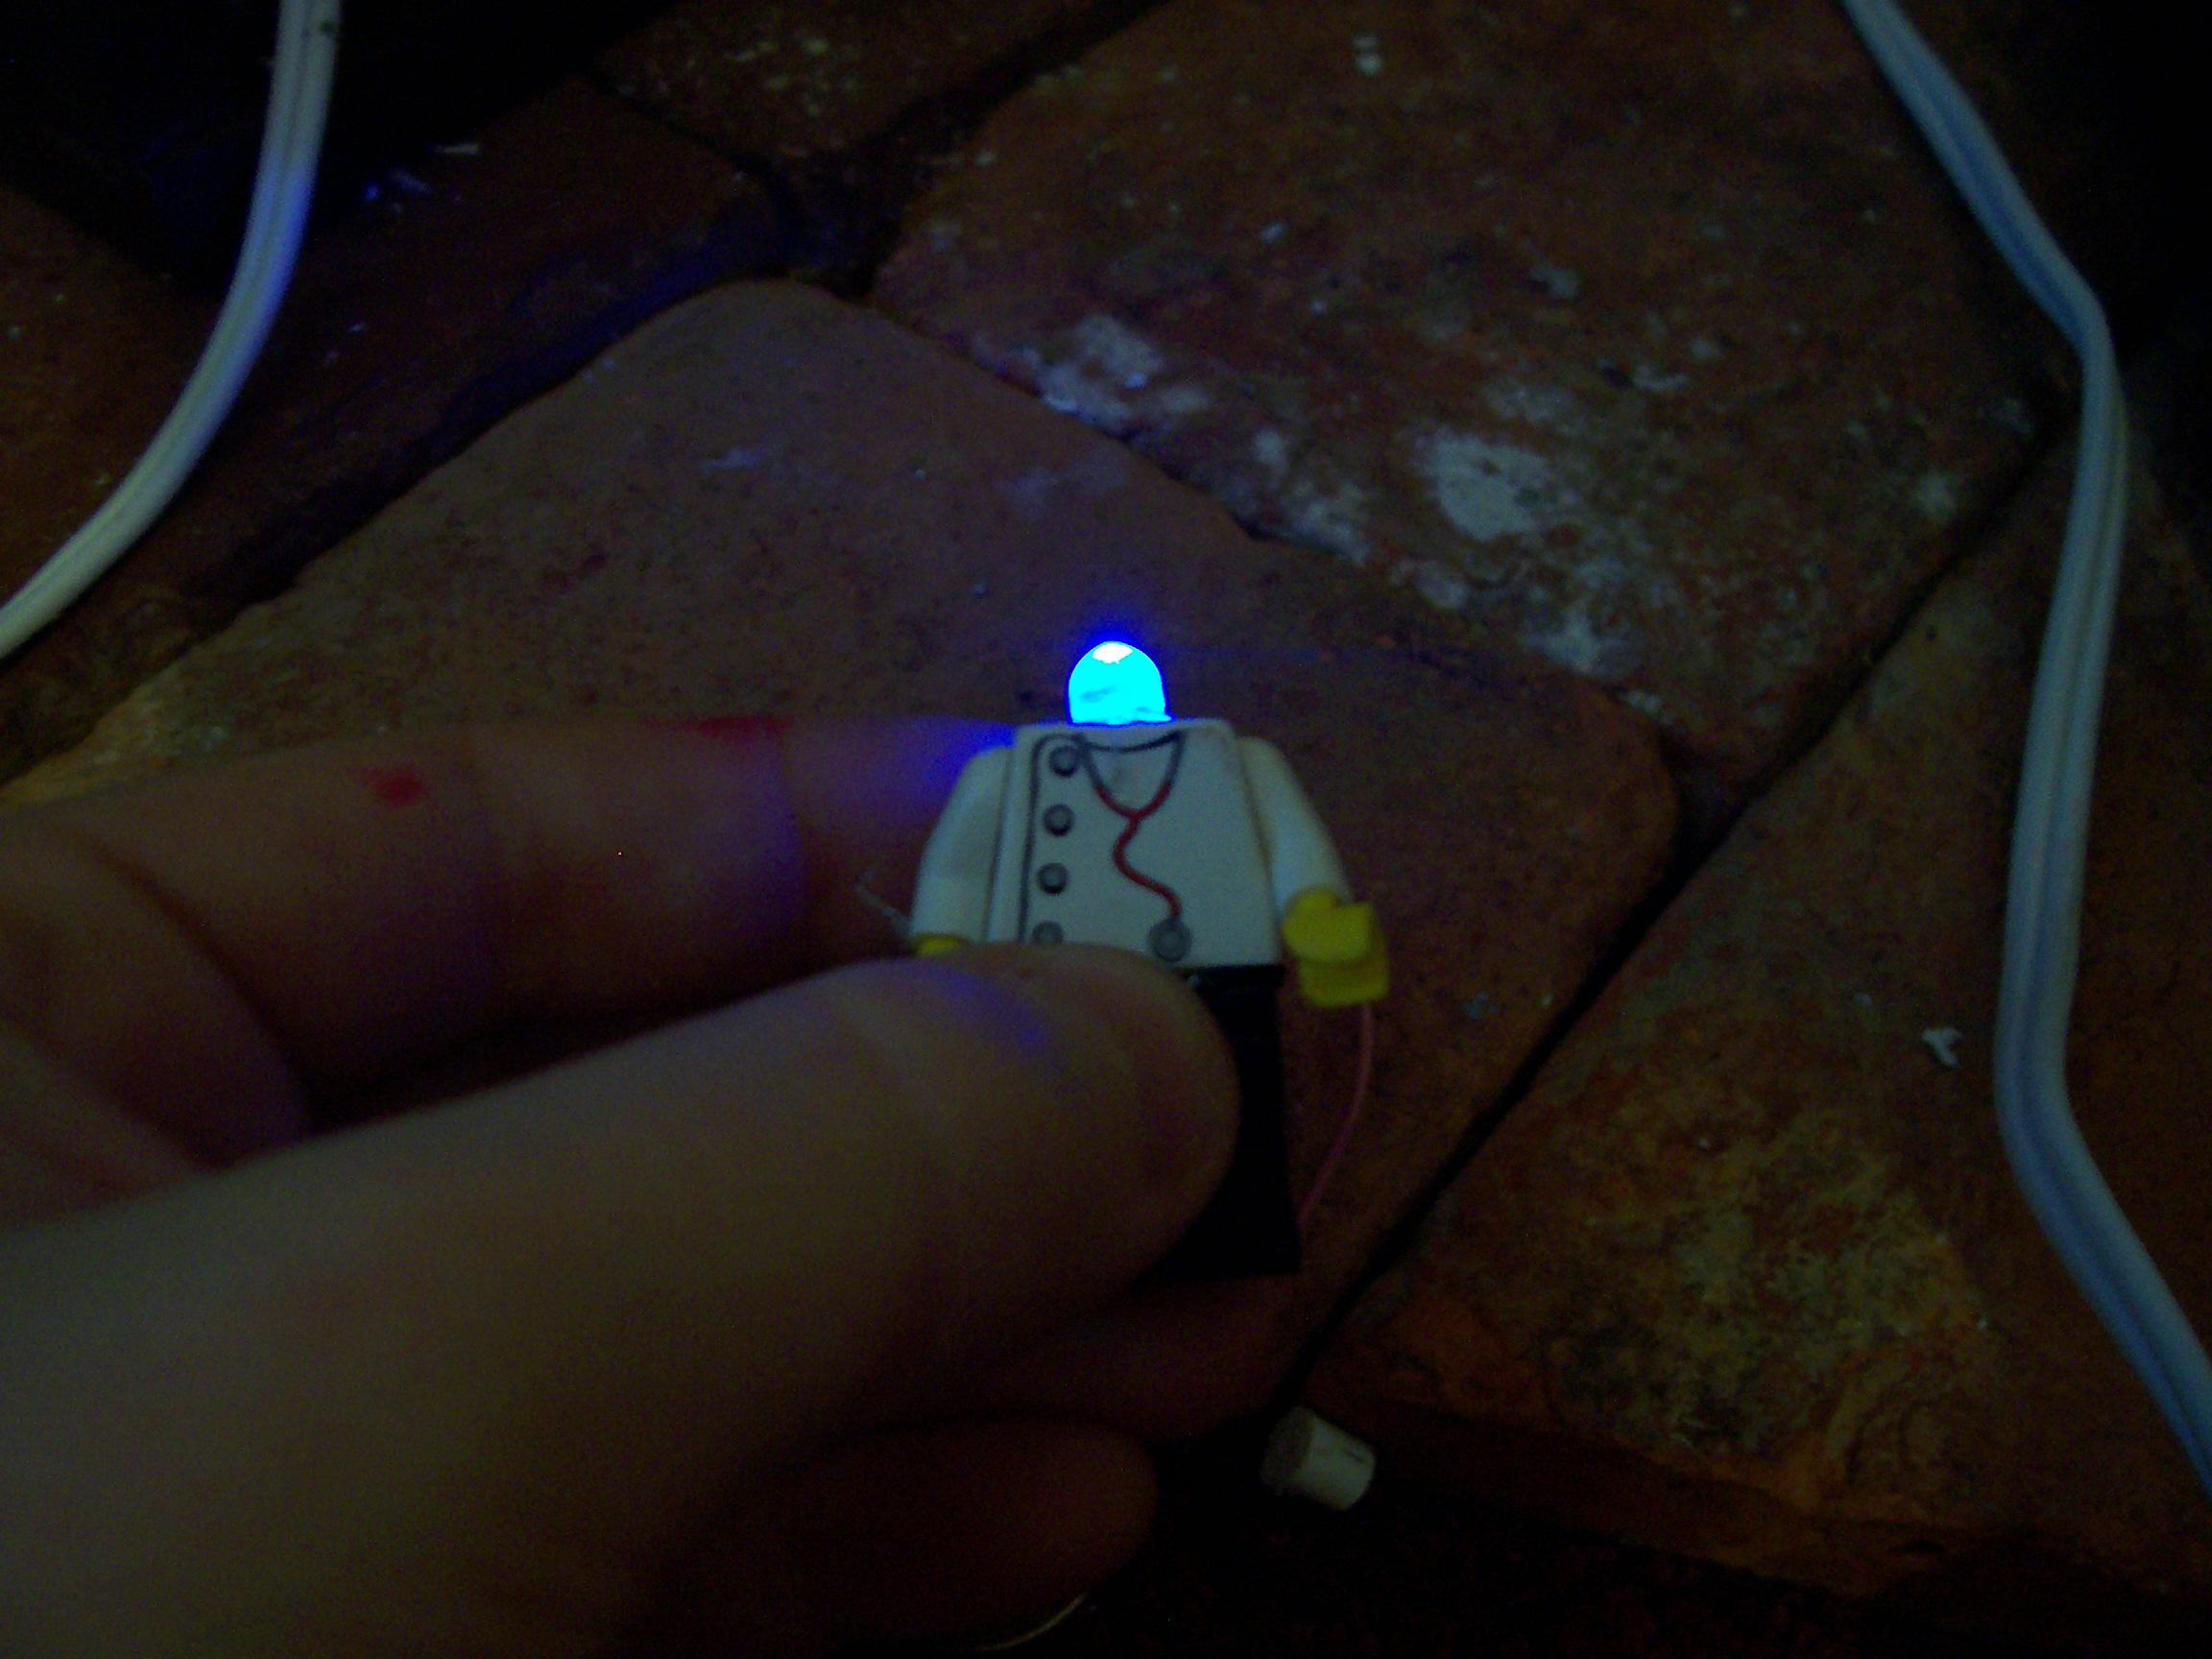 LED Lego Guy